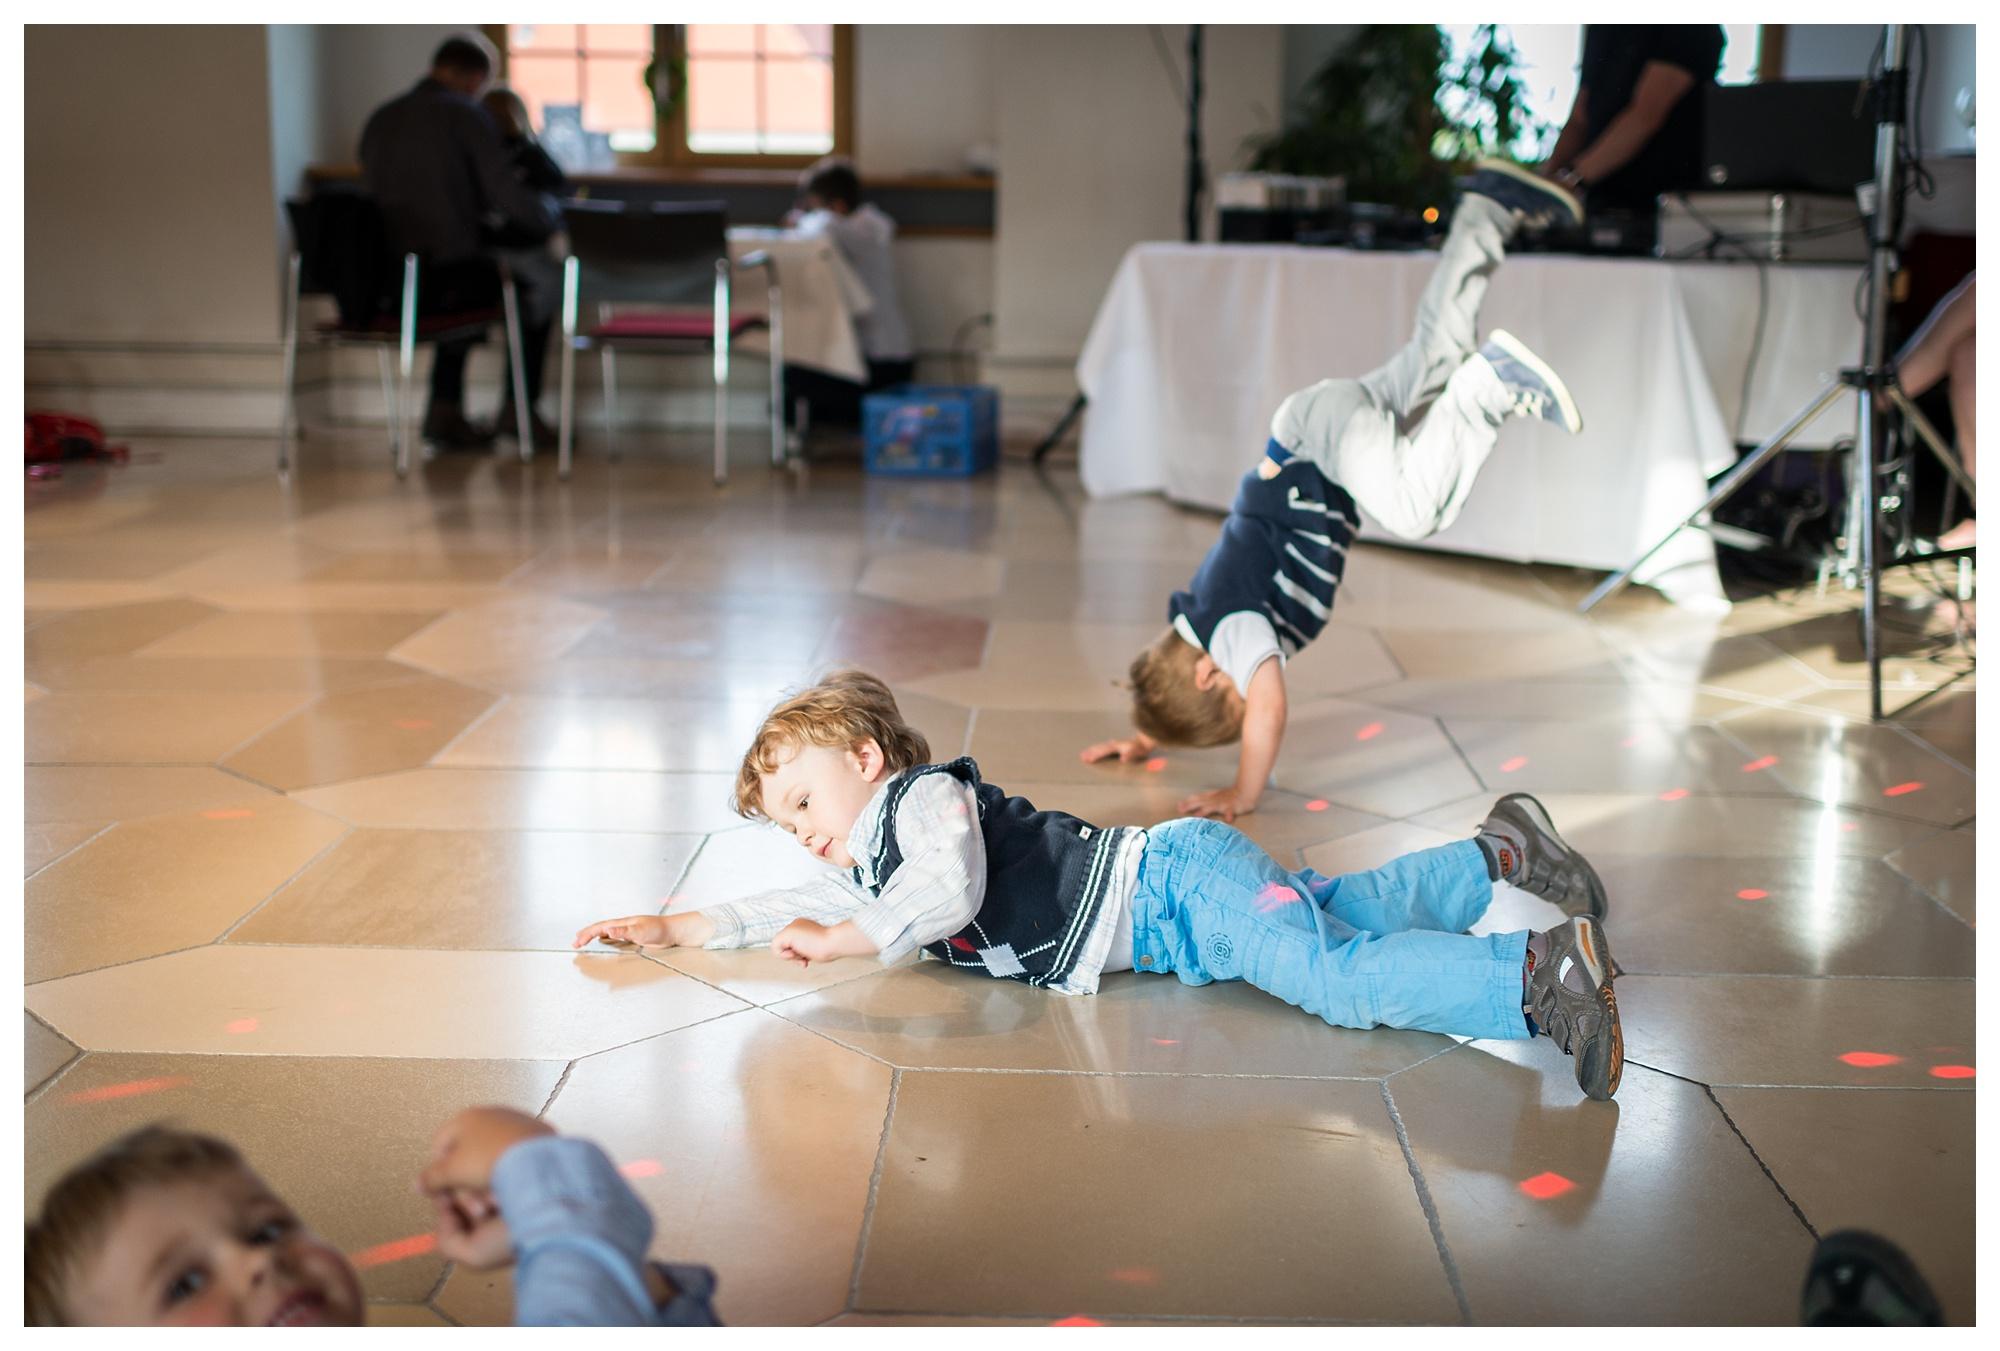 Fotograf Konstanz - Hochzeit Tanja Elmar Elmar Feuerbacher Photography Konstanz Messkirch Highlights 093 - Hochzeitsreportage von Tanja und Elmar im Schloss Meßkirch  - 89 -